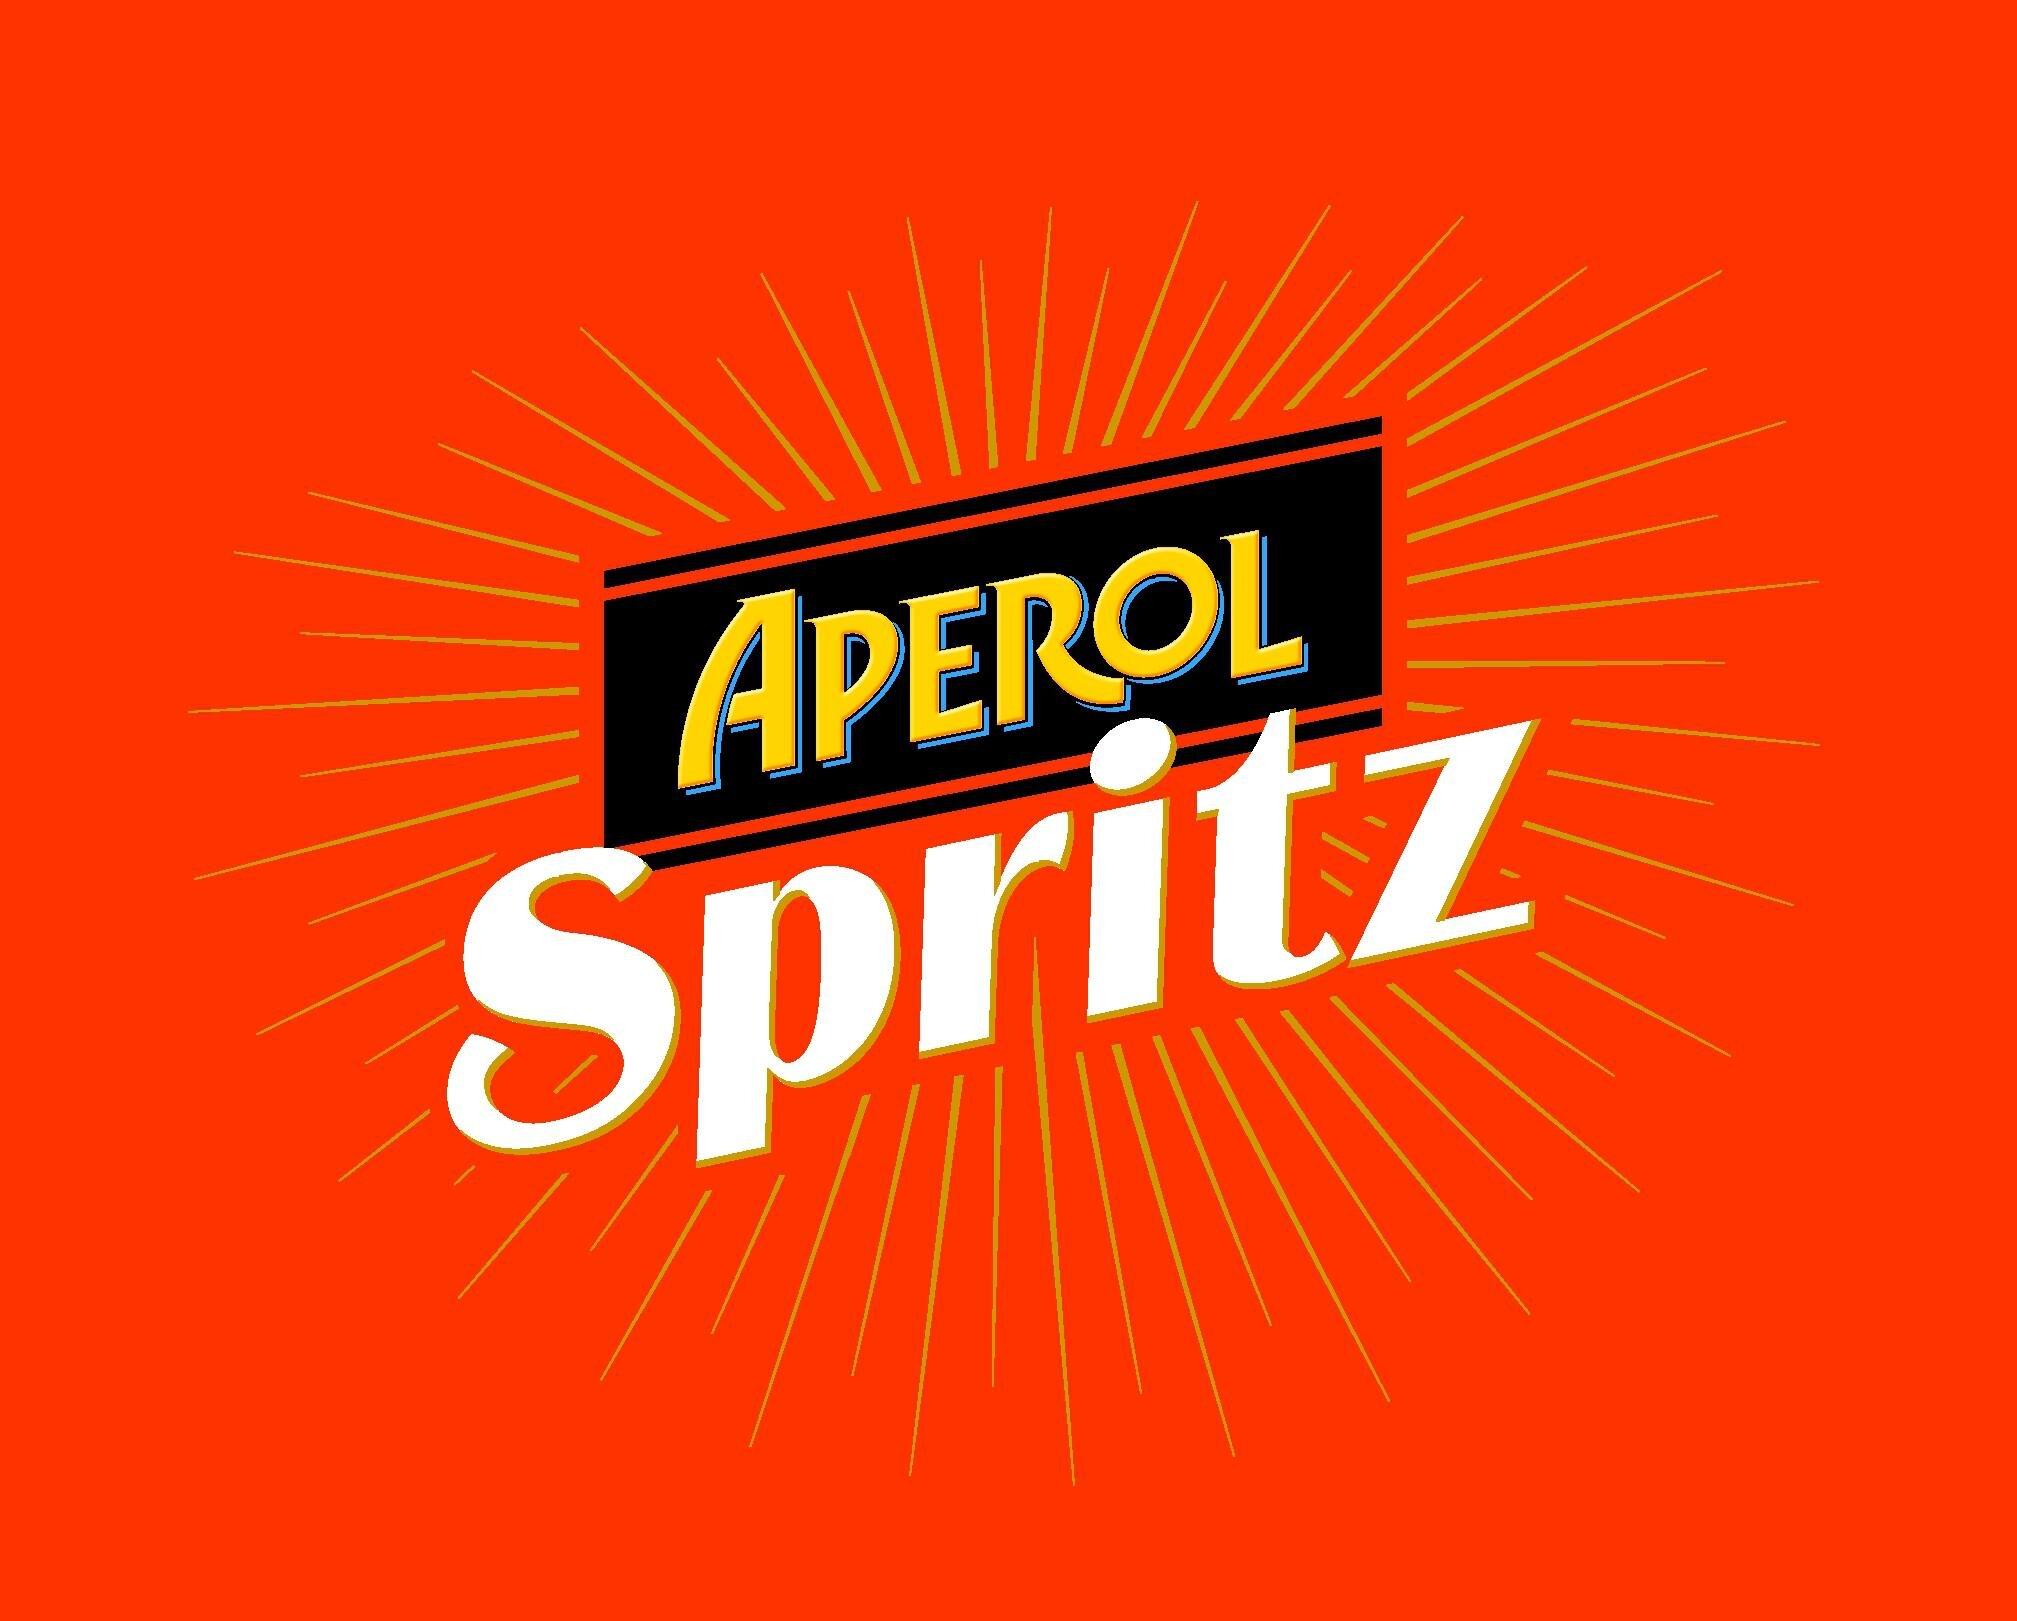 Vítejte v Porto Aperol